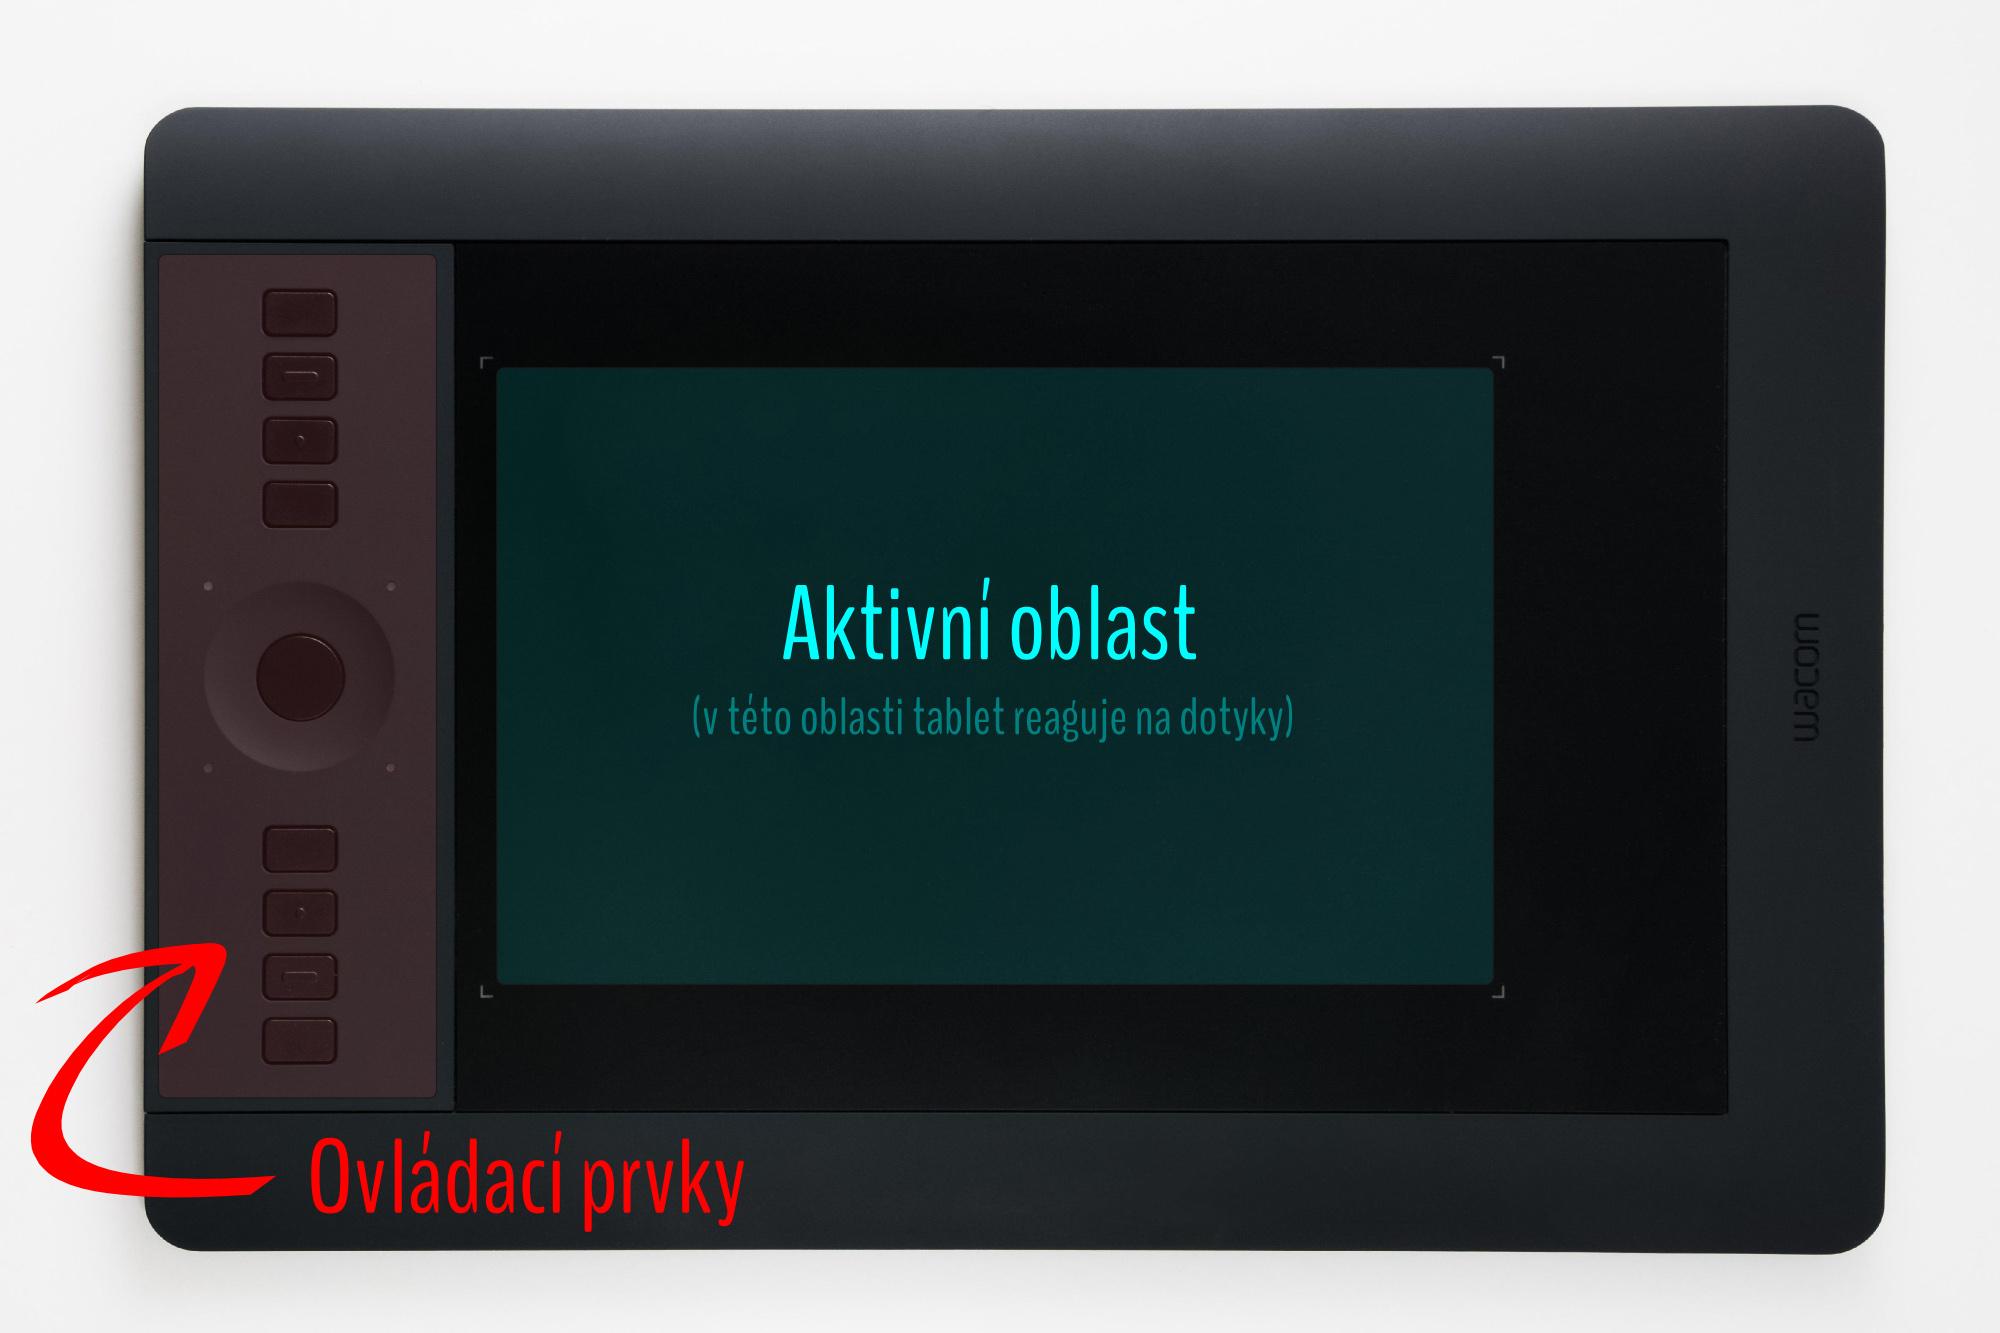 K Cemu Je Dobry Graficky Tablet Online Fotoskola